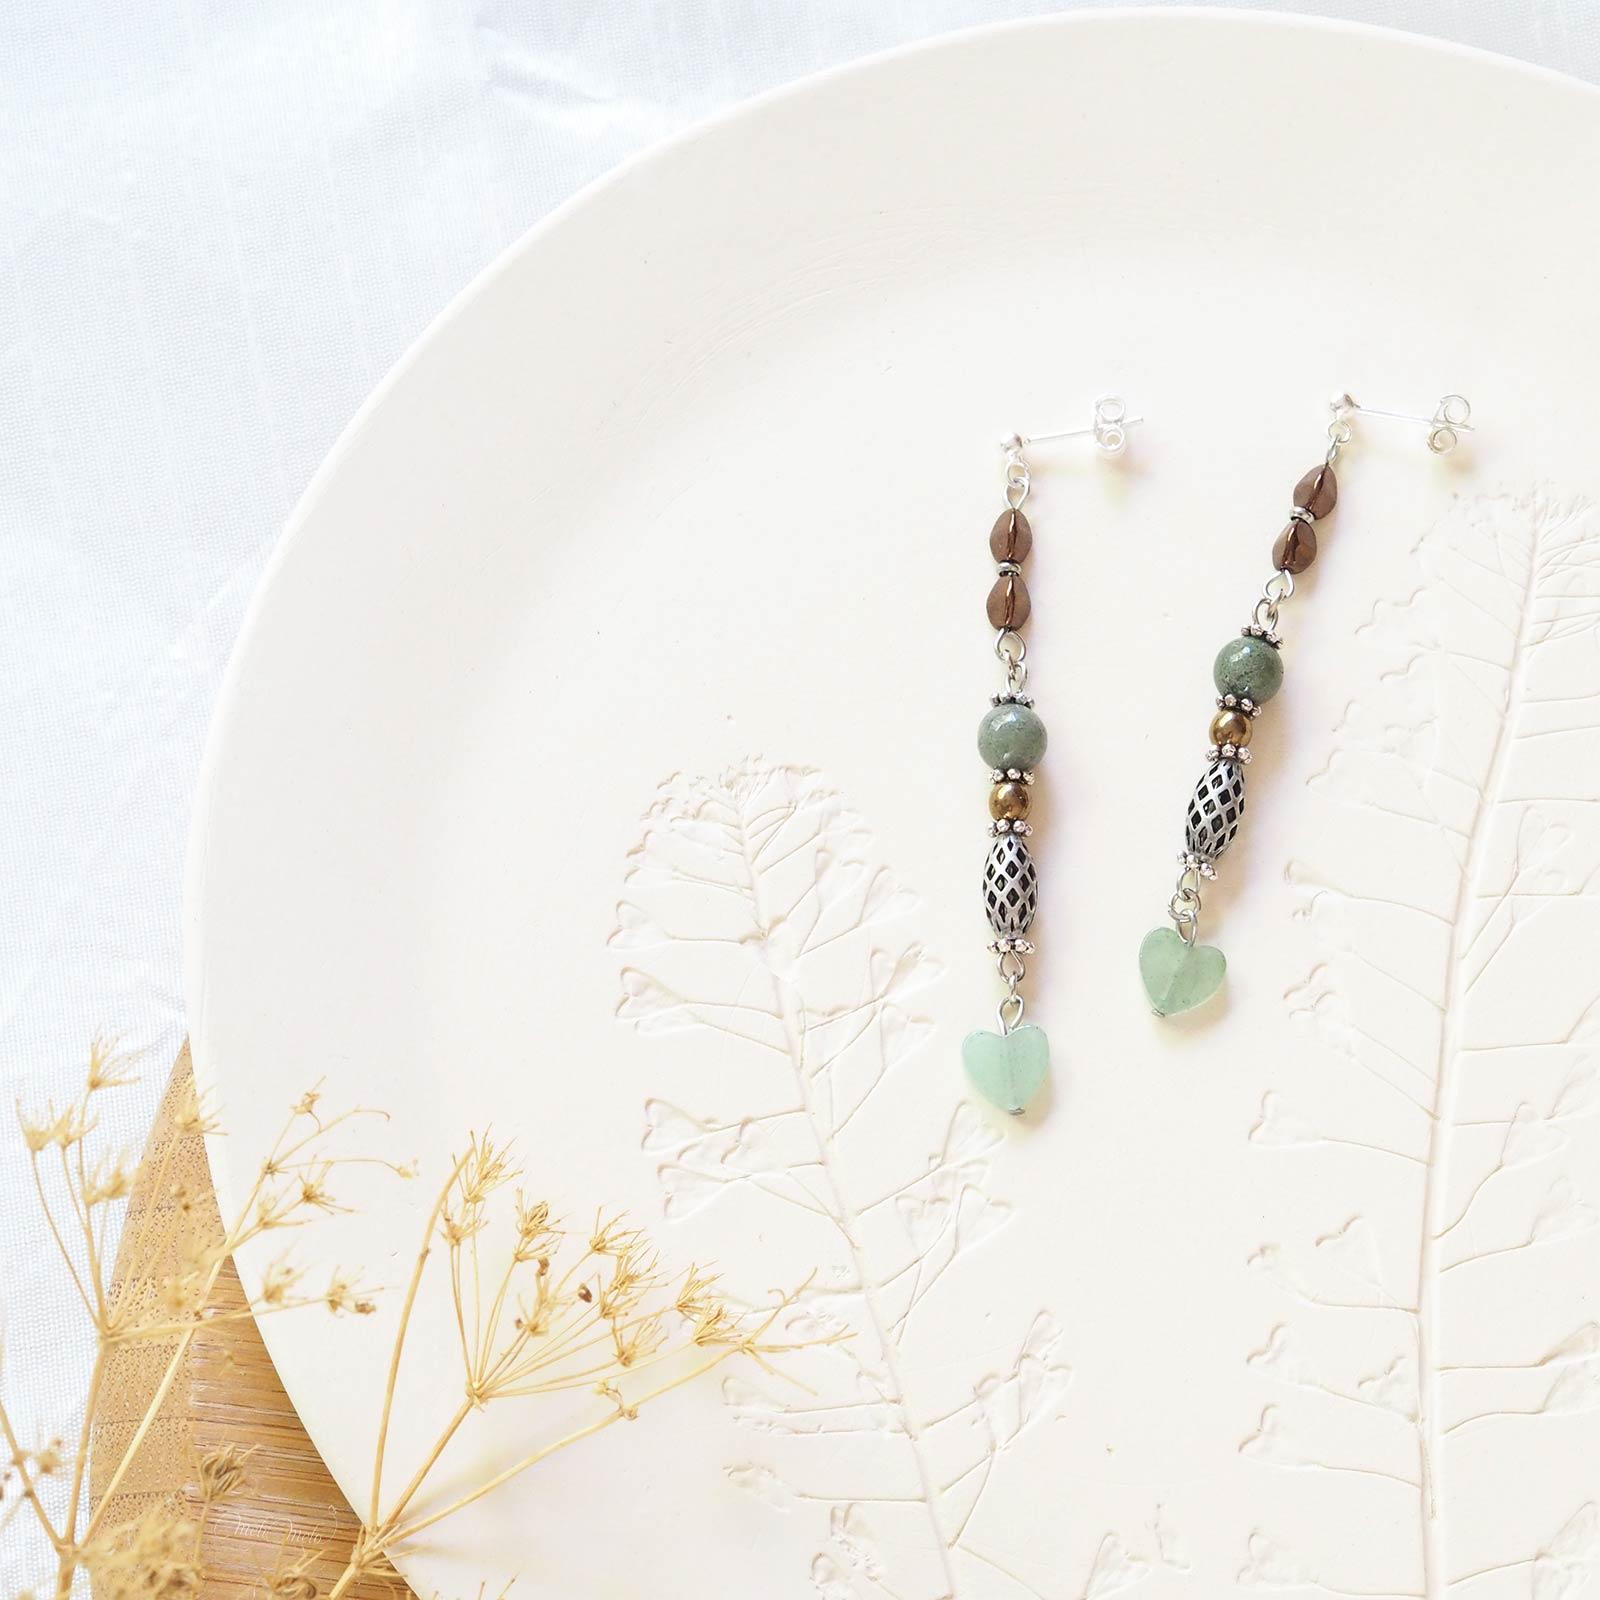 pendants boucles oreilles HO Cristal de Swarovski gemmes Mookaïte Aventurine vert laboutiquedemelimelo